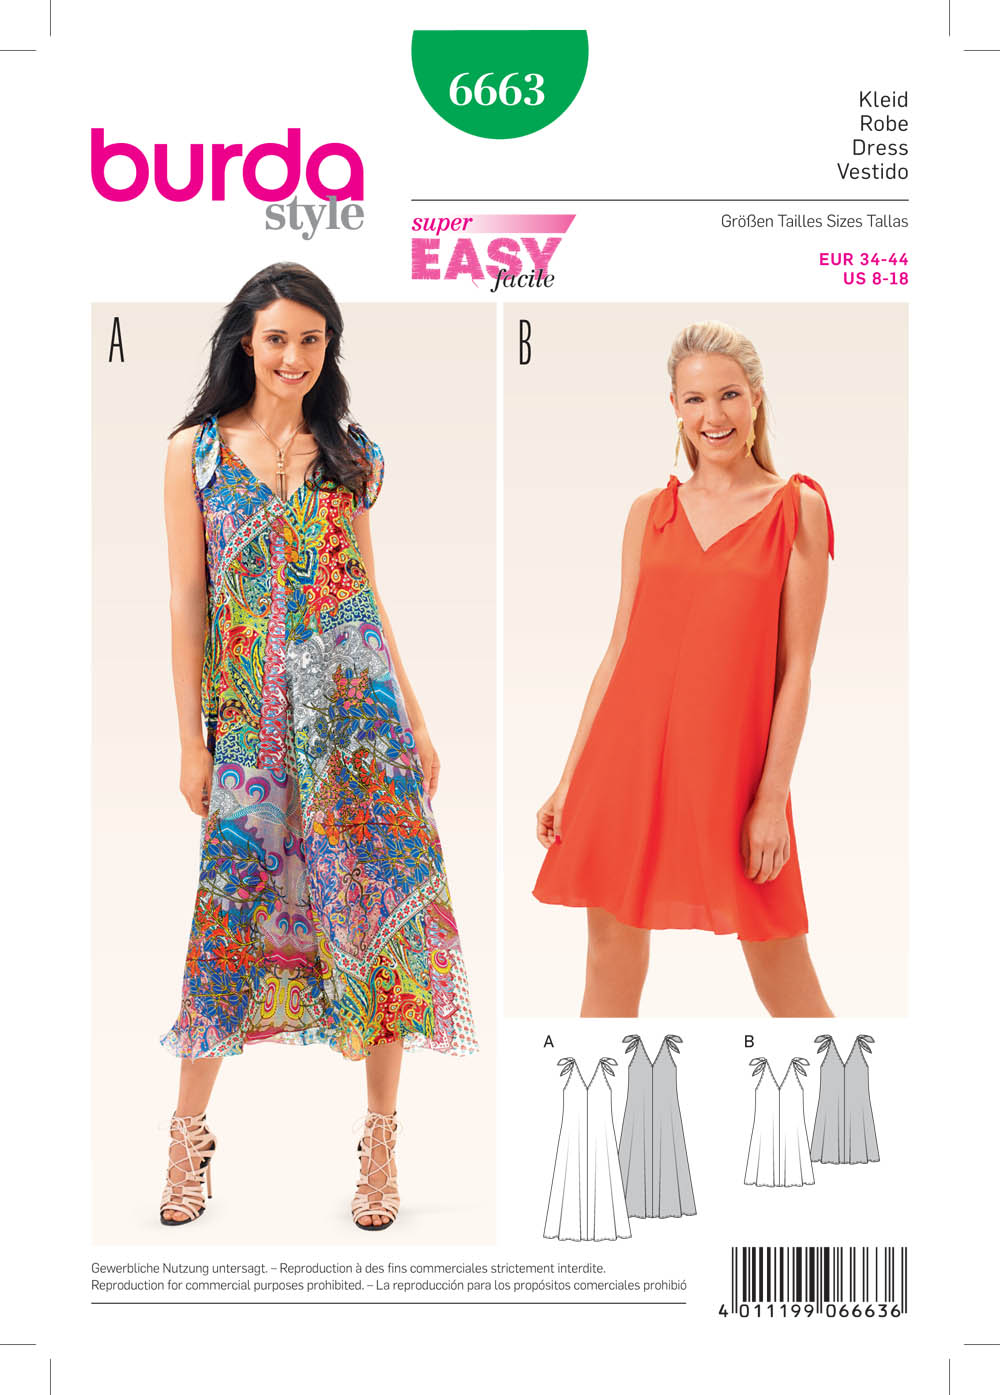 burda 6663 misses dress sewing pattern